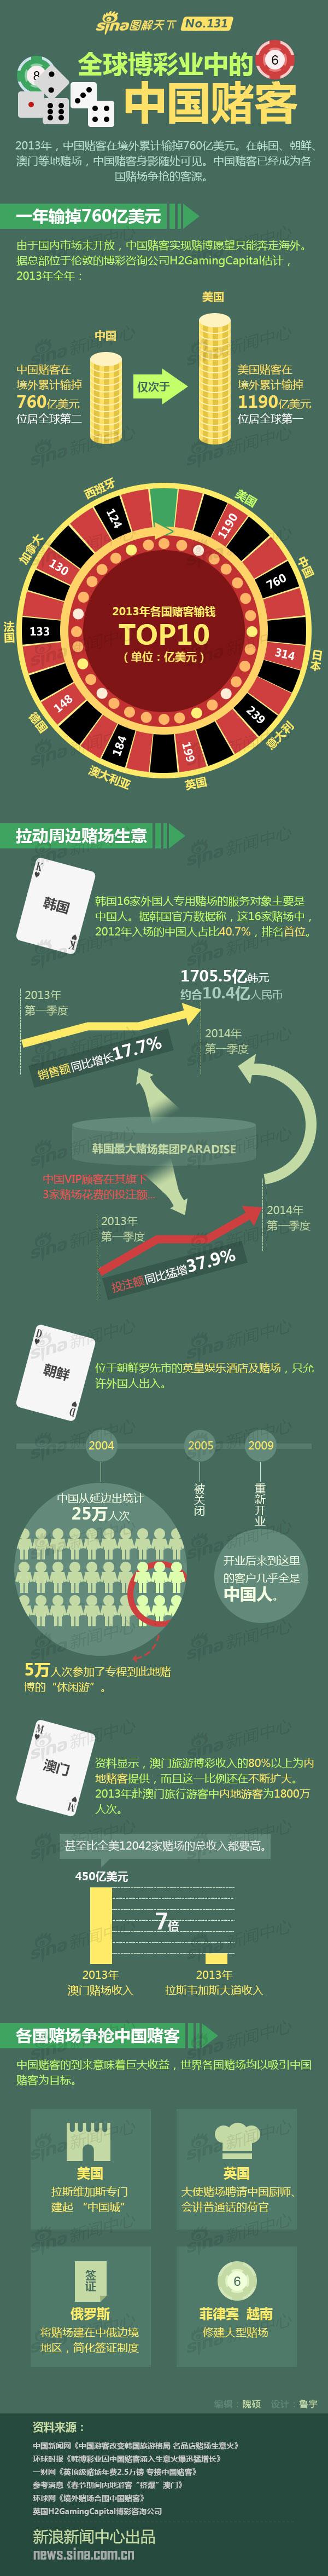 全球博彩业中的中国赌客